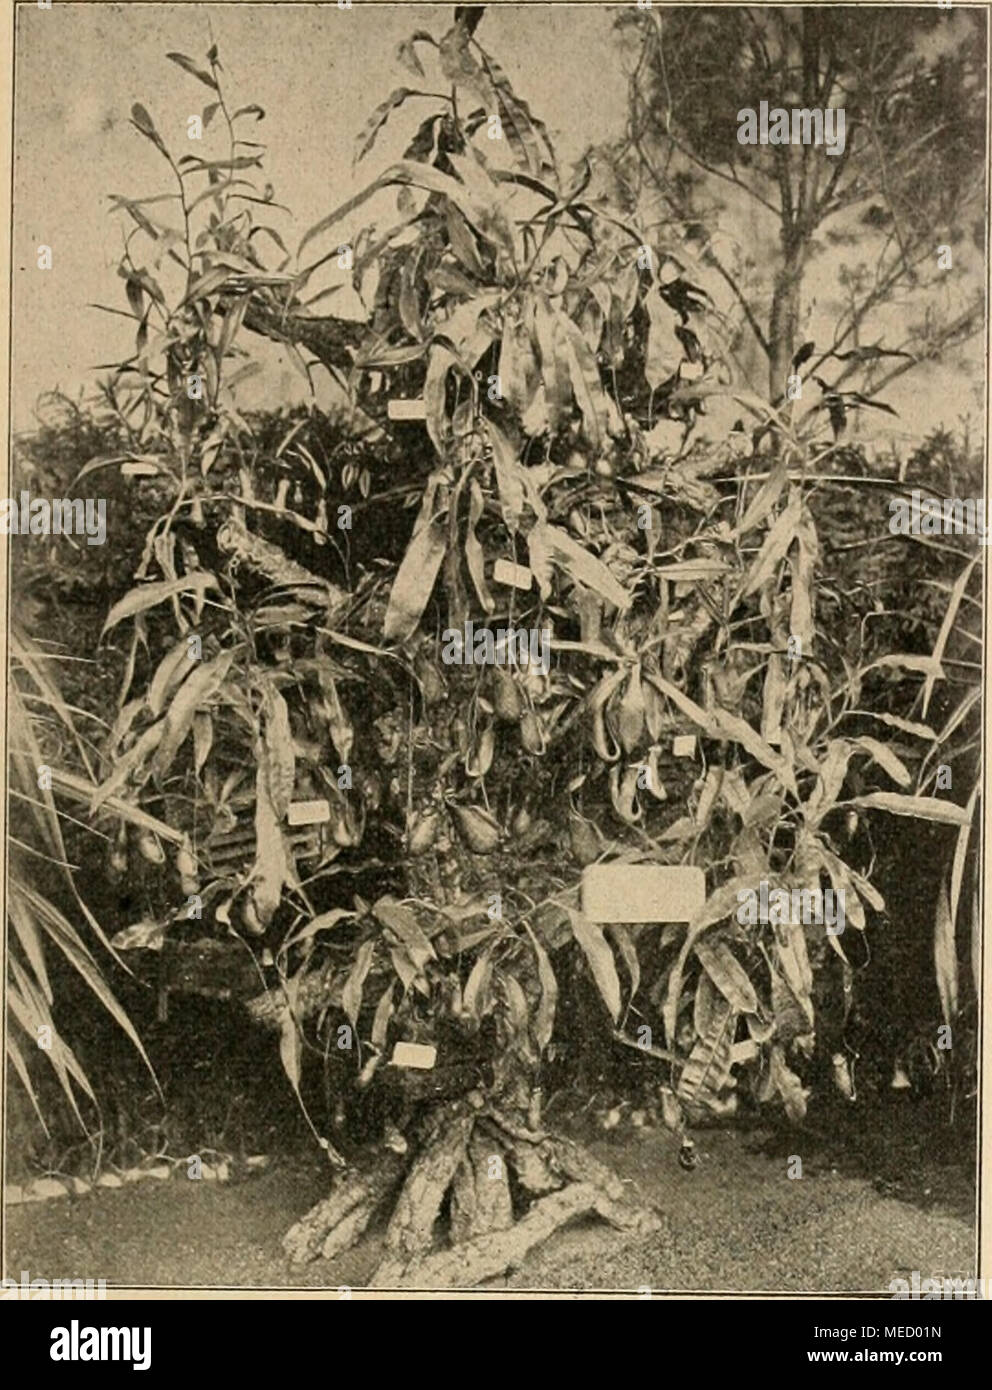 . Gartenwelt sterben. Nepenthesgruppe von garteninspektor Schelle, Botan. Garten, Tübingen. einer festlichen Novalja - heit verwendet wird oder vorhanden sein könnte, und darin lag Dp der feine Zug. Körbe, Sträuße, ge-füllte Vasen, Einzelpflanzen, der Eßtisch nur mit Orchi- deen geschmückt. Letzterer trug als Mittelstück eine hohe, eine große Spie-gelplatte gestellte Vase mit Drehventil, den feinsten, weit ausladenden oder Graziös herabhängenden Blütenrispen seltener Orchi- deen. Auch der Winter-garten Krieg ein Meister-stück; waren doch sterben blü- henden Schlinggewächse ein - Referenzen, als stä Stockbild